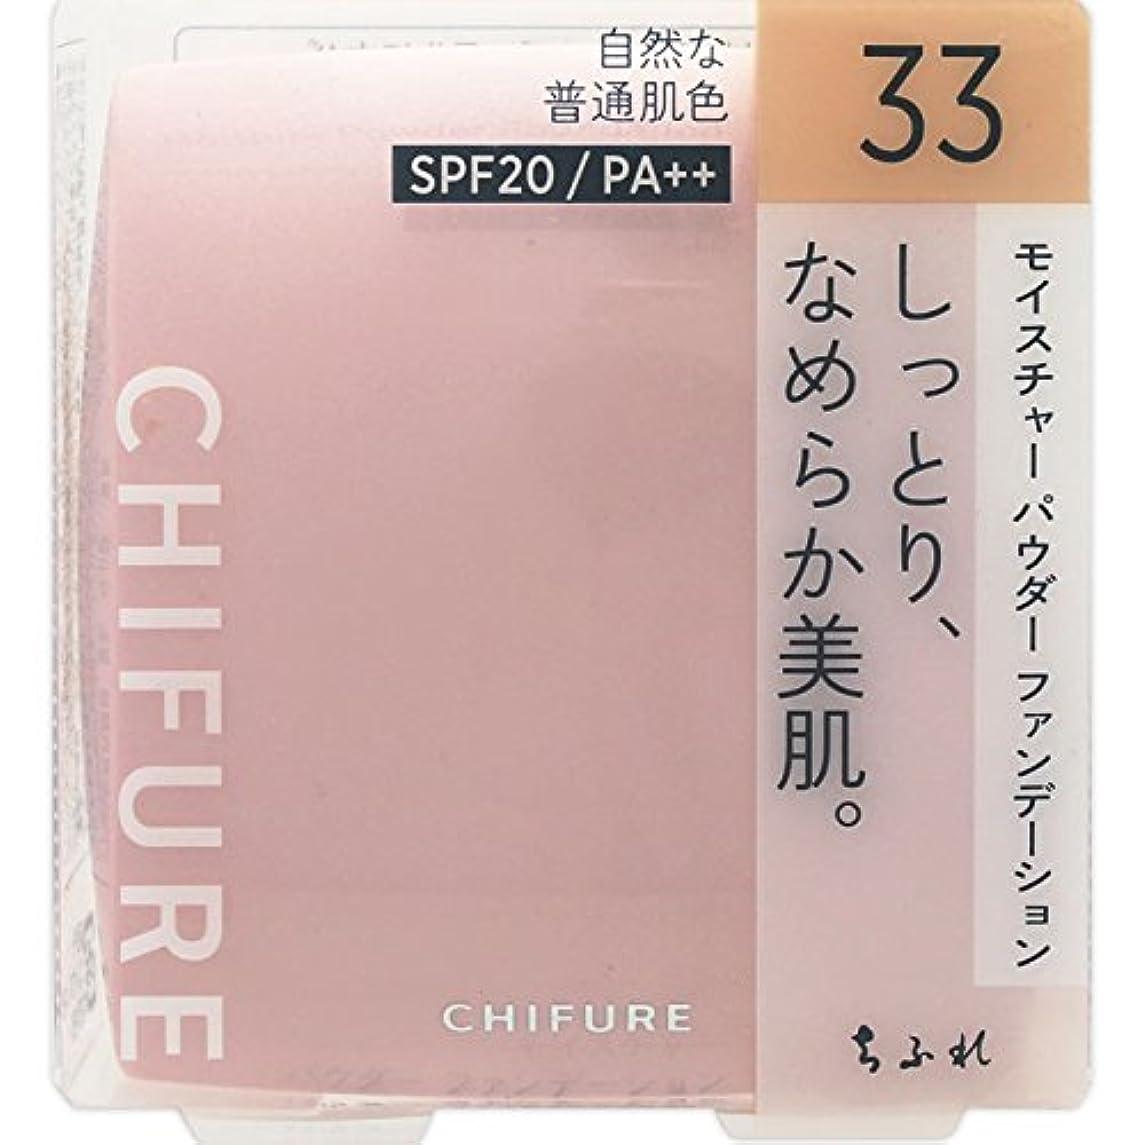 援助司教城ちふれ化粧品 モイスチャー パウダーファンデーション(スポンジ入り) 33 オークル系 MパウダーFD33